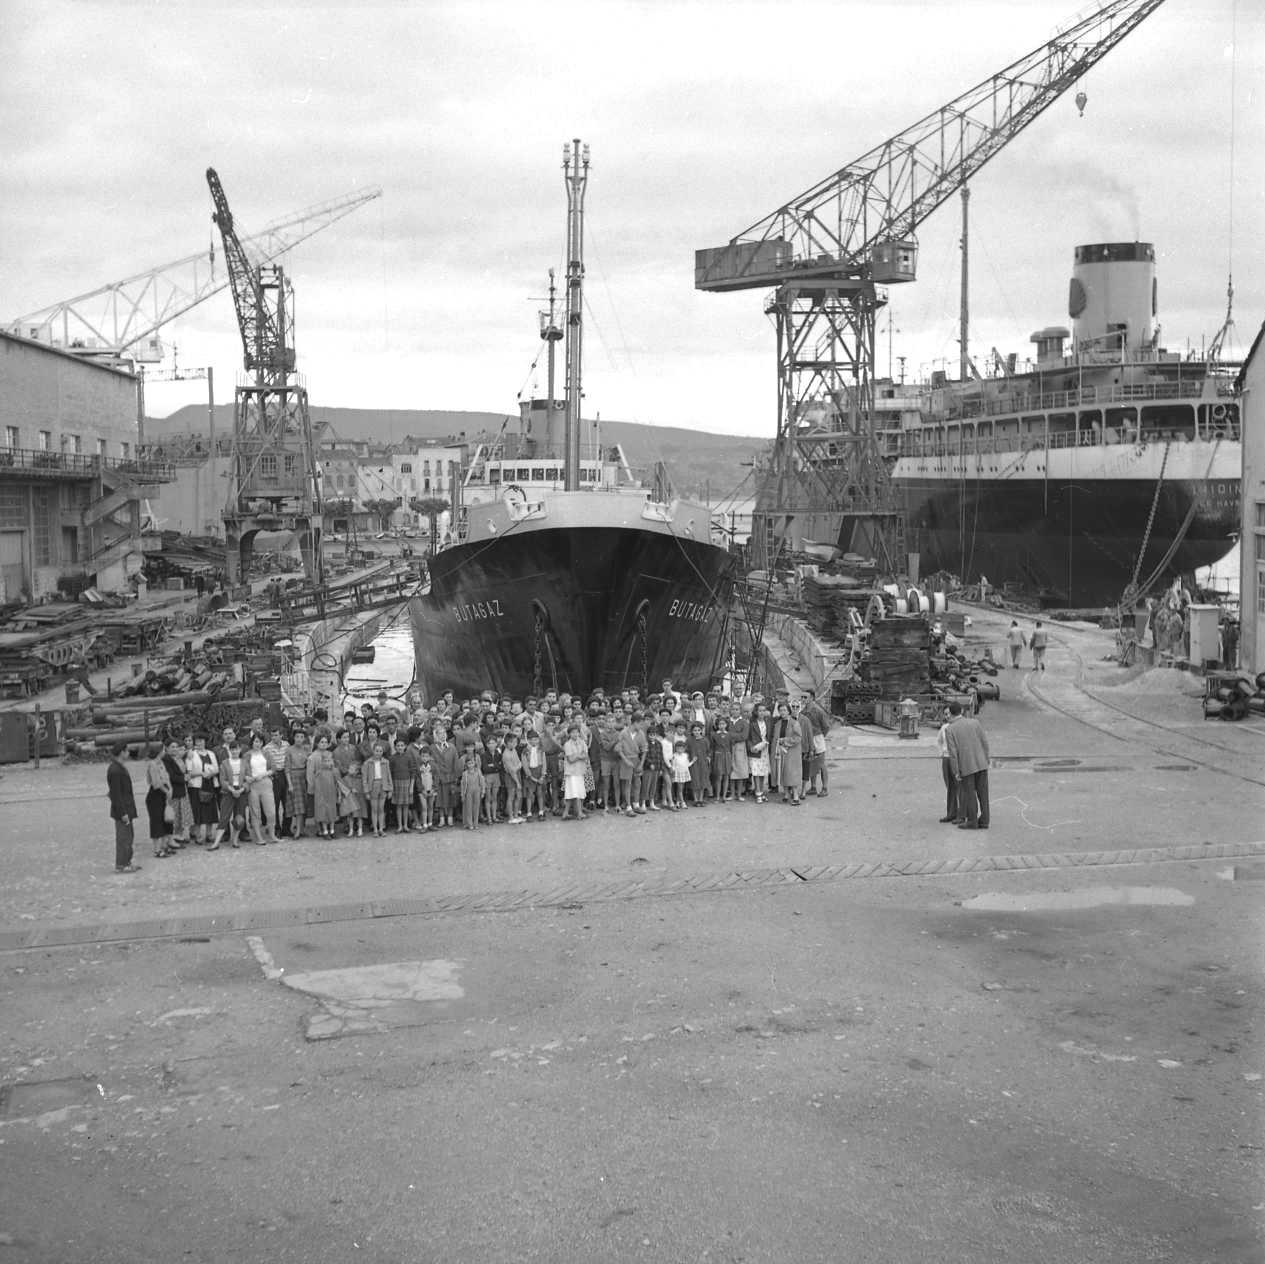 27Fi 2949 Les colons du club Léo Lagrange en visite dans les chantiers, devant le Butagaz (1er transport de gaz construit aux CNC) dans le bassin de radoub. 19/06/1955